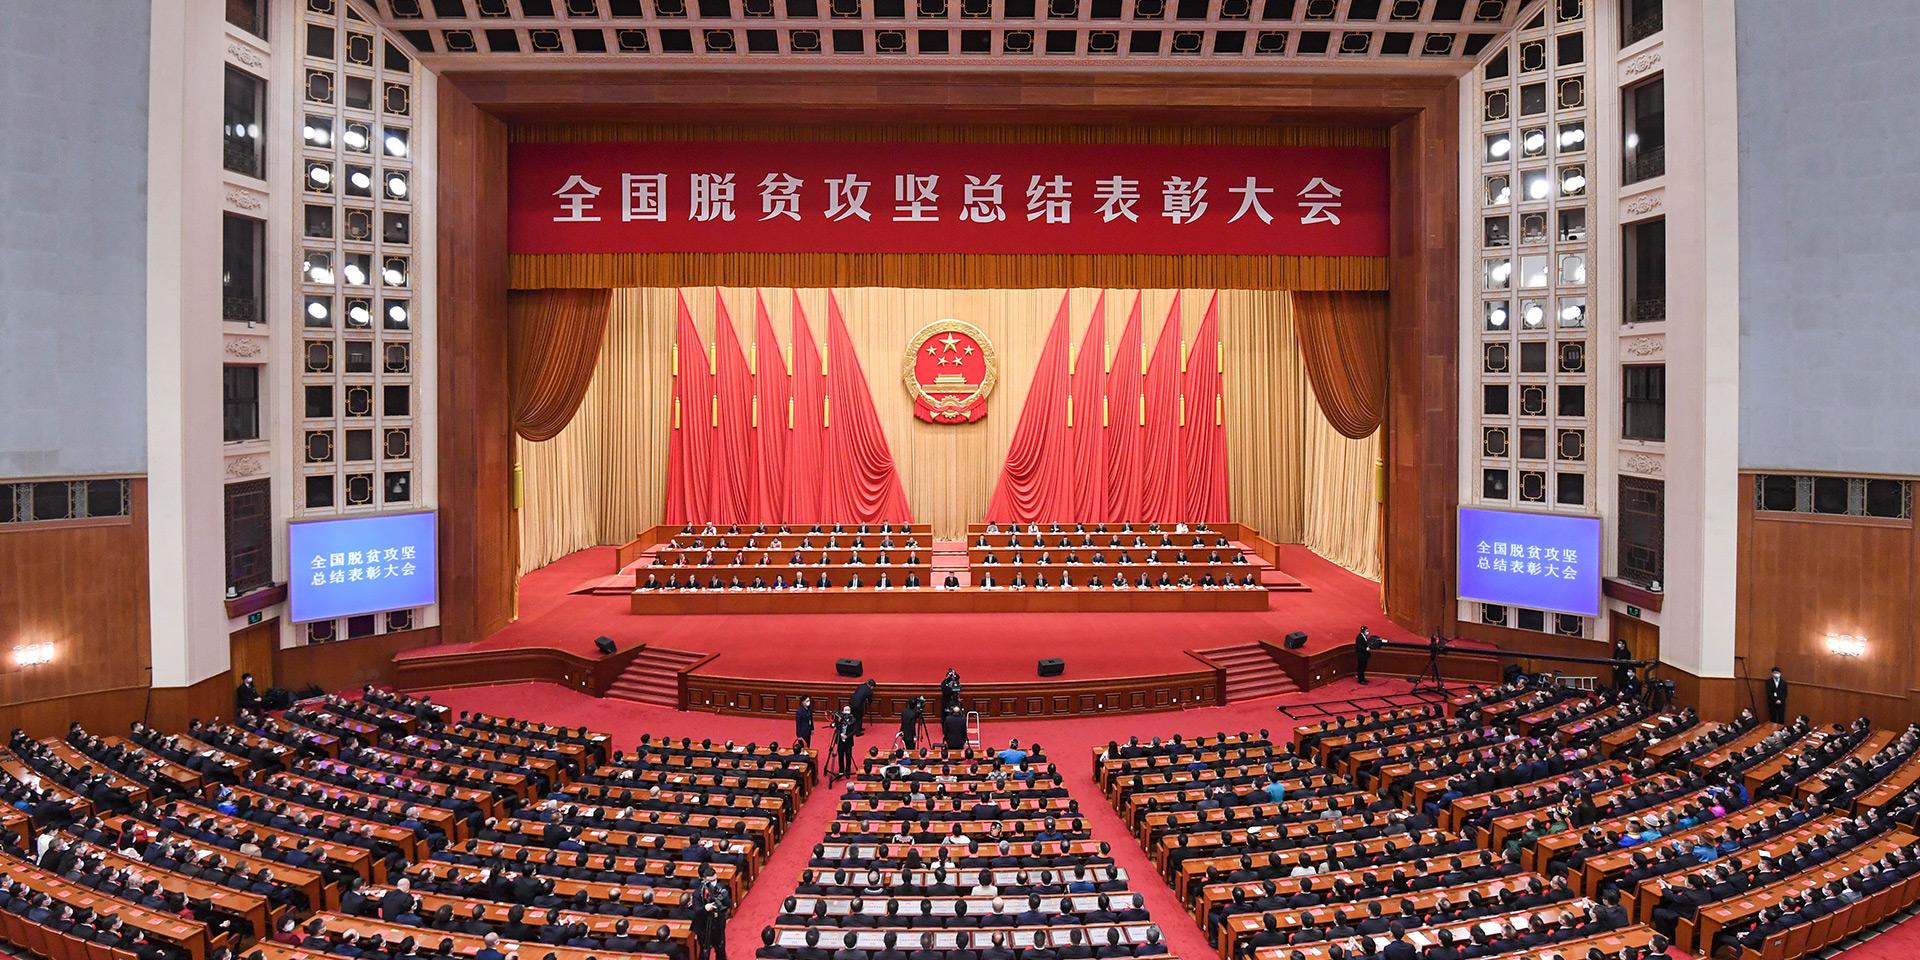 一部中国史,就是一部中华民族同贫困作斗争的历史。